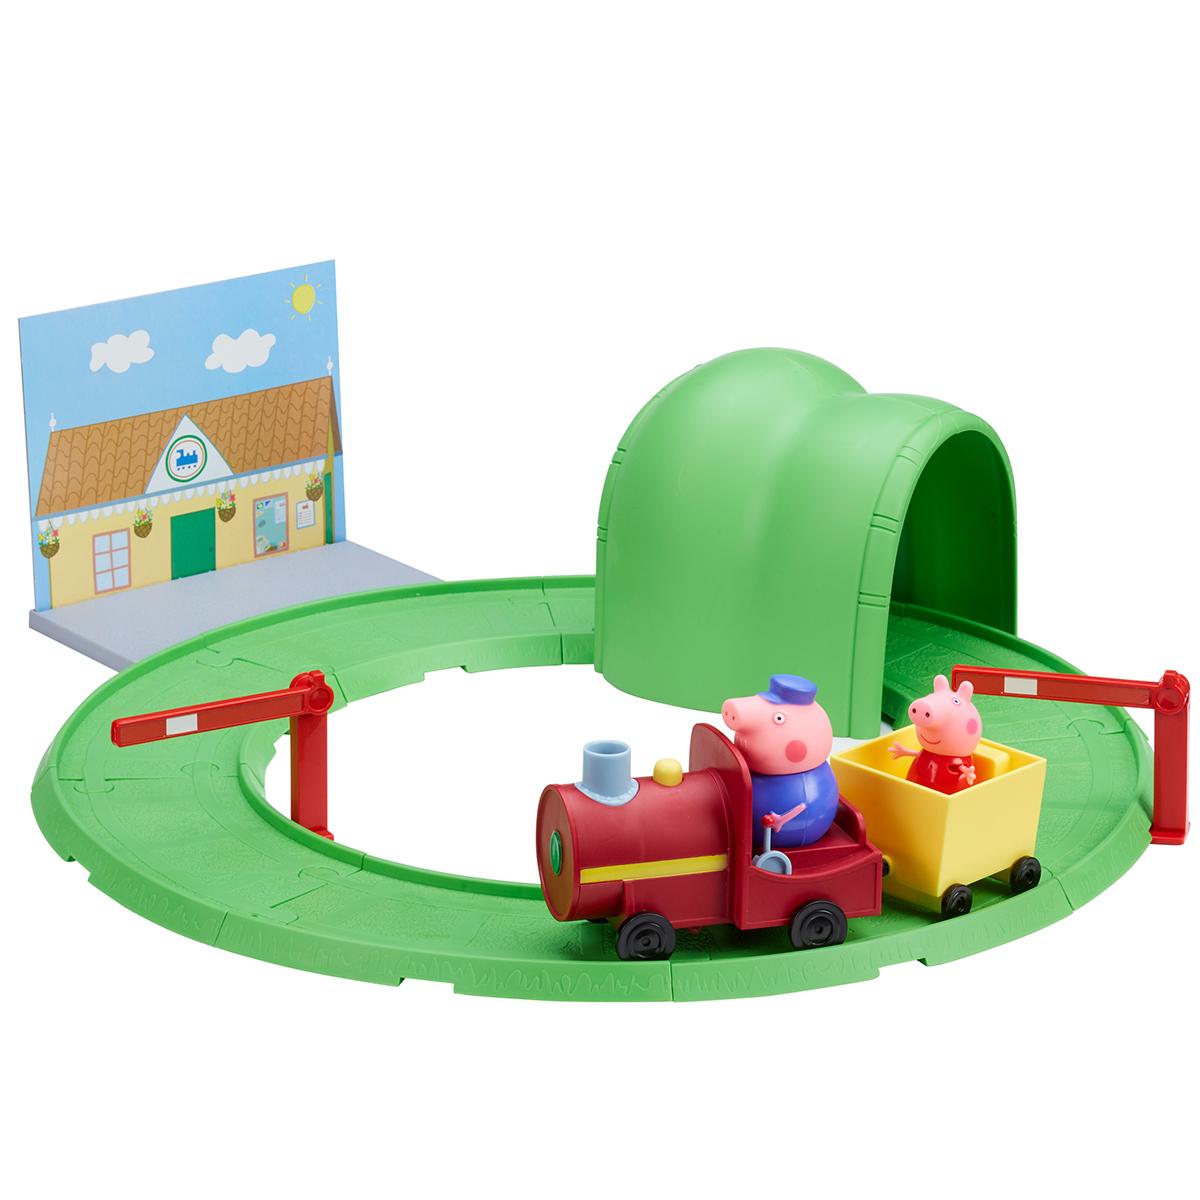 Игровой набор ™Peppa Pig - Паровозик с туннелемЖелезная дорога для малышей<br>Игровой набор ™Peppa Pig - Паровозик с туннелем<br>